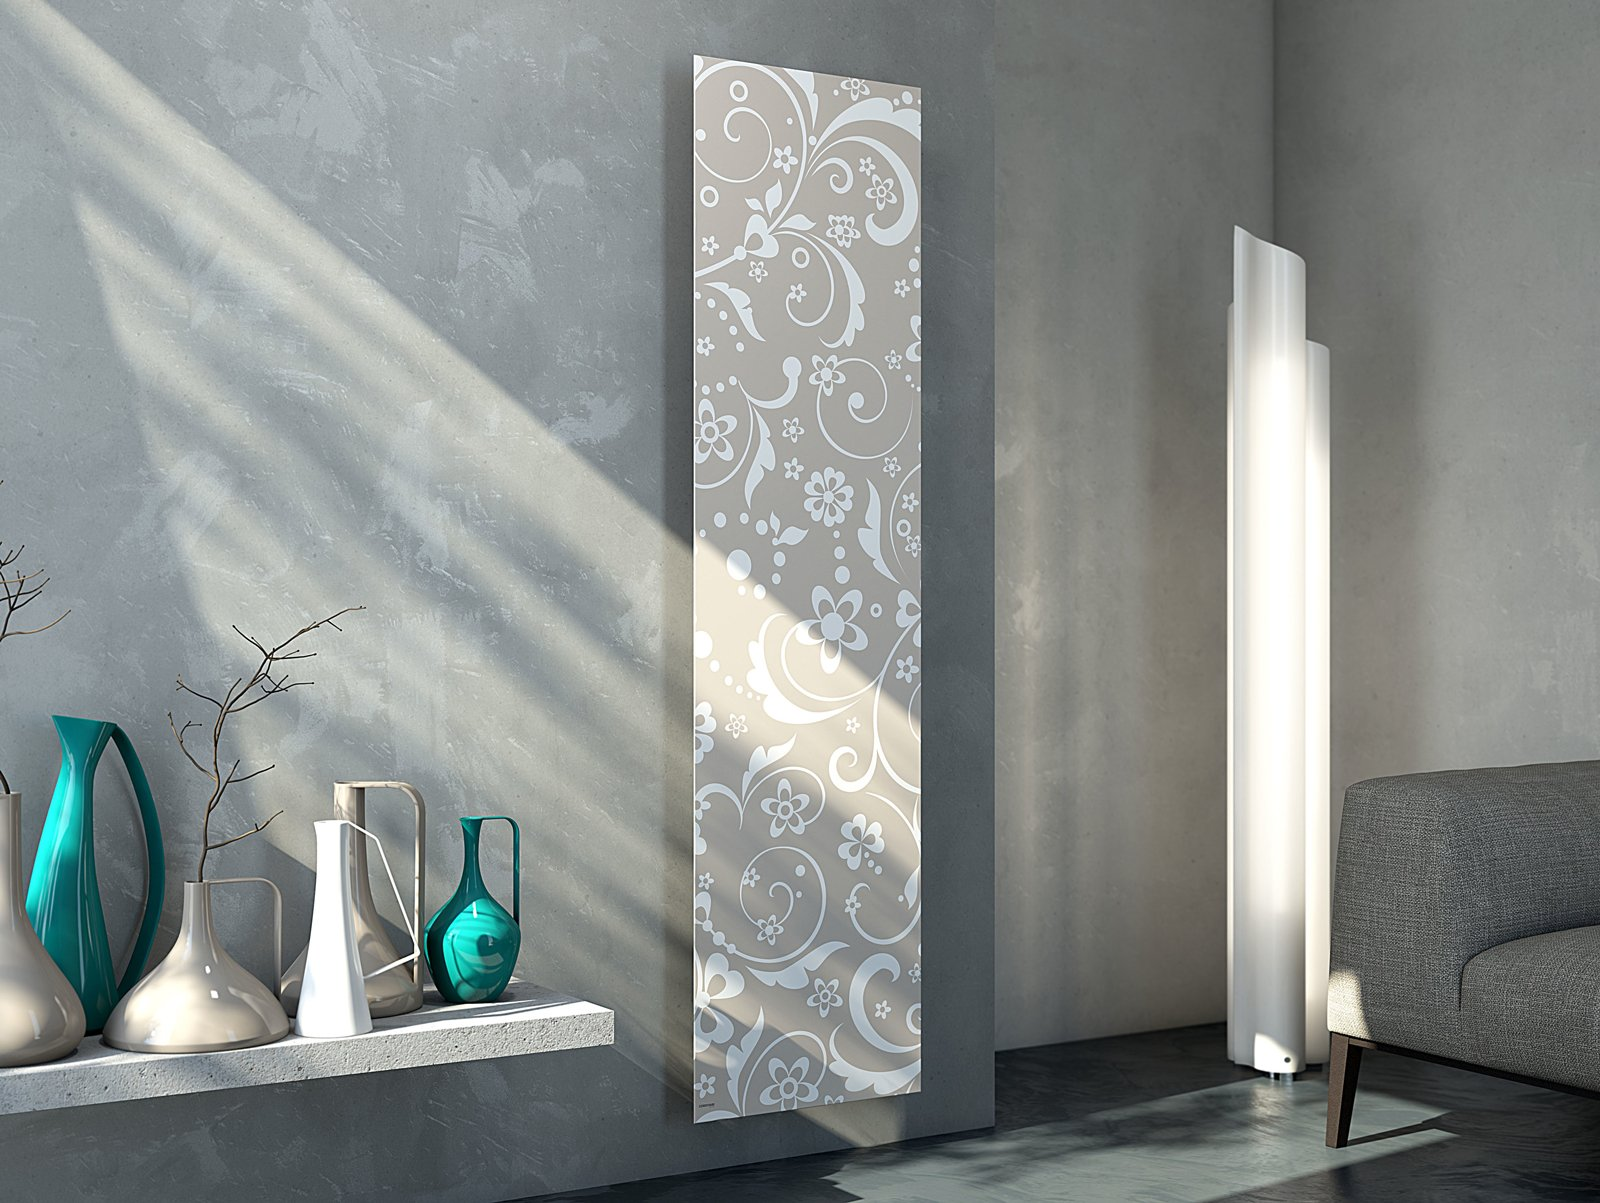 I nuovi radiatori al cersaie 2014 per un calore senza - Termosifoni design prezzi ...